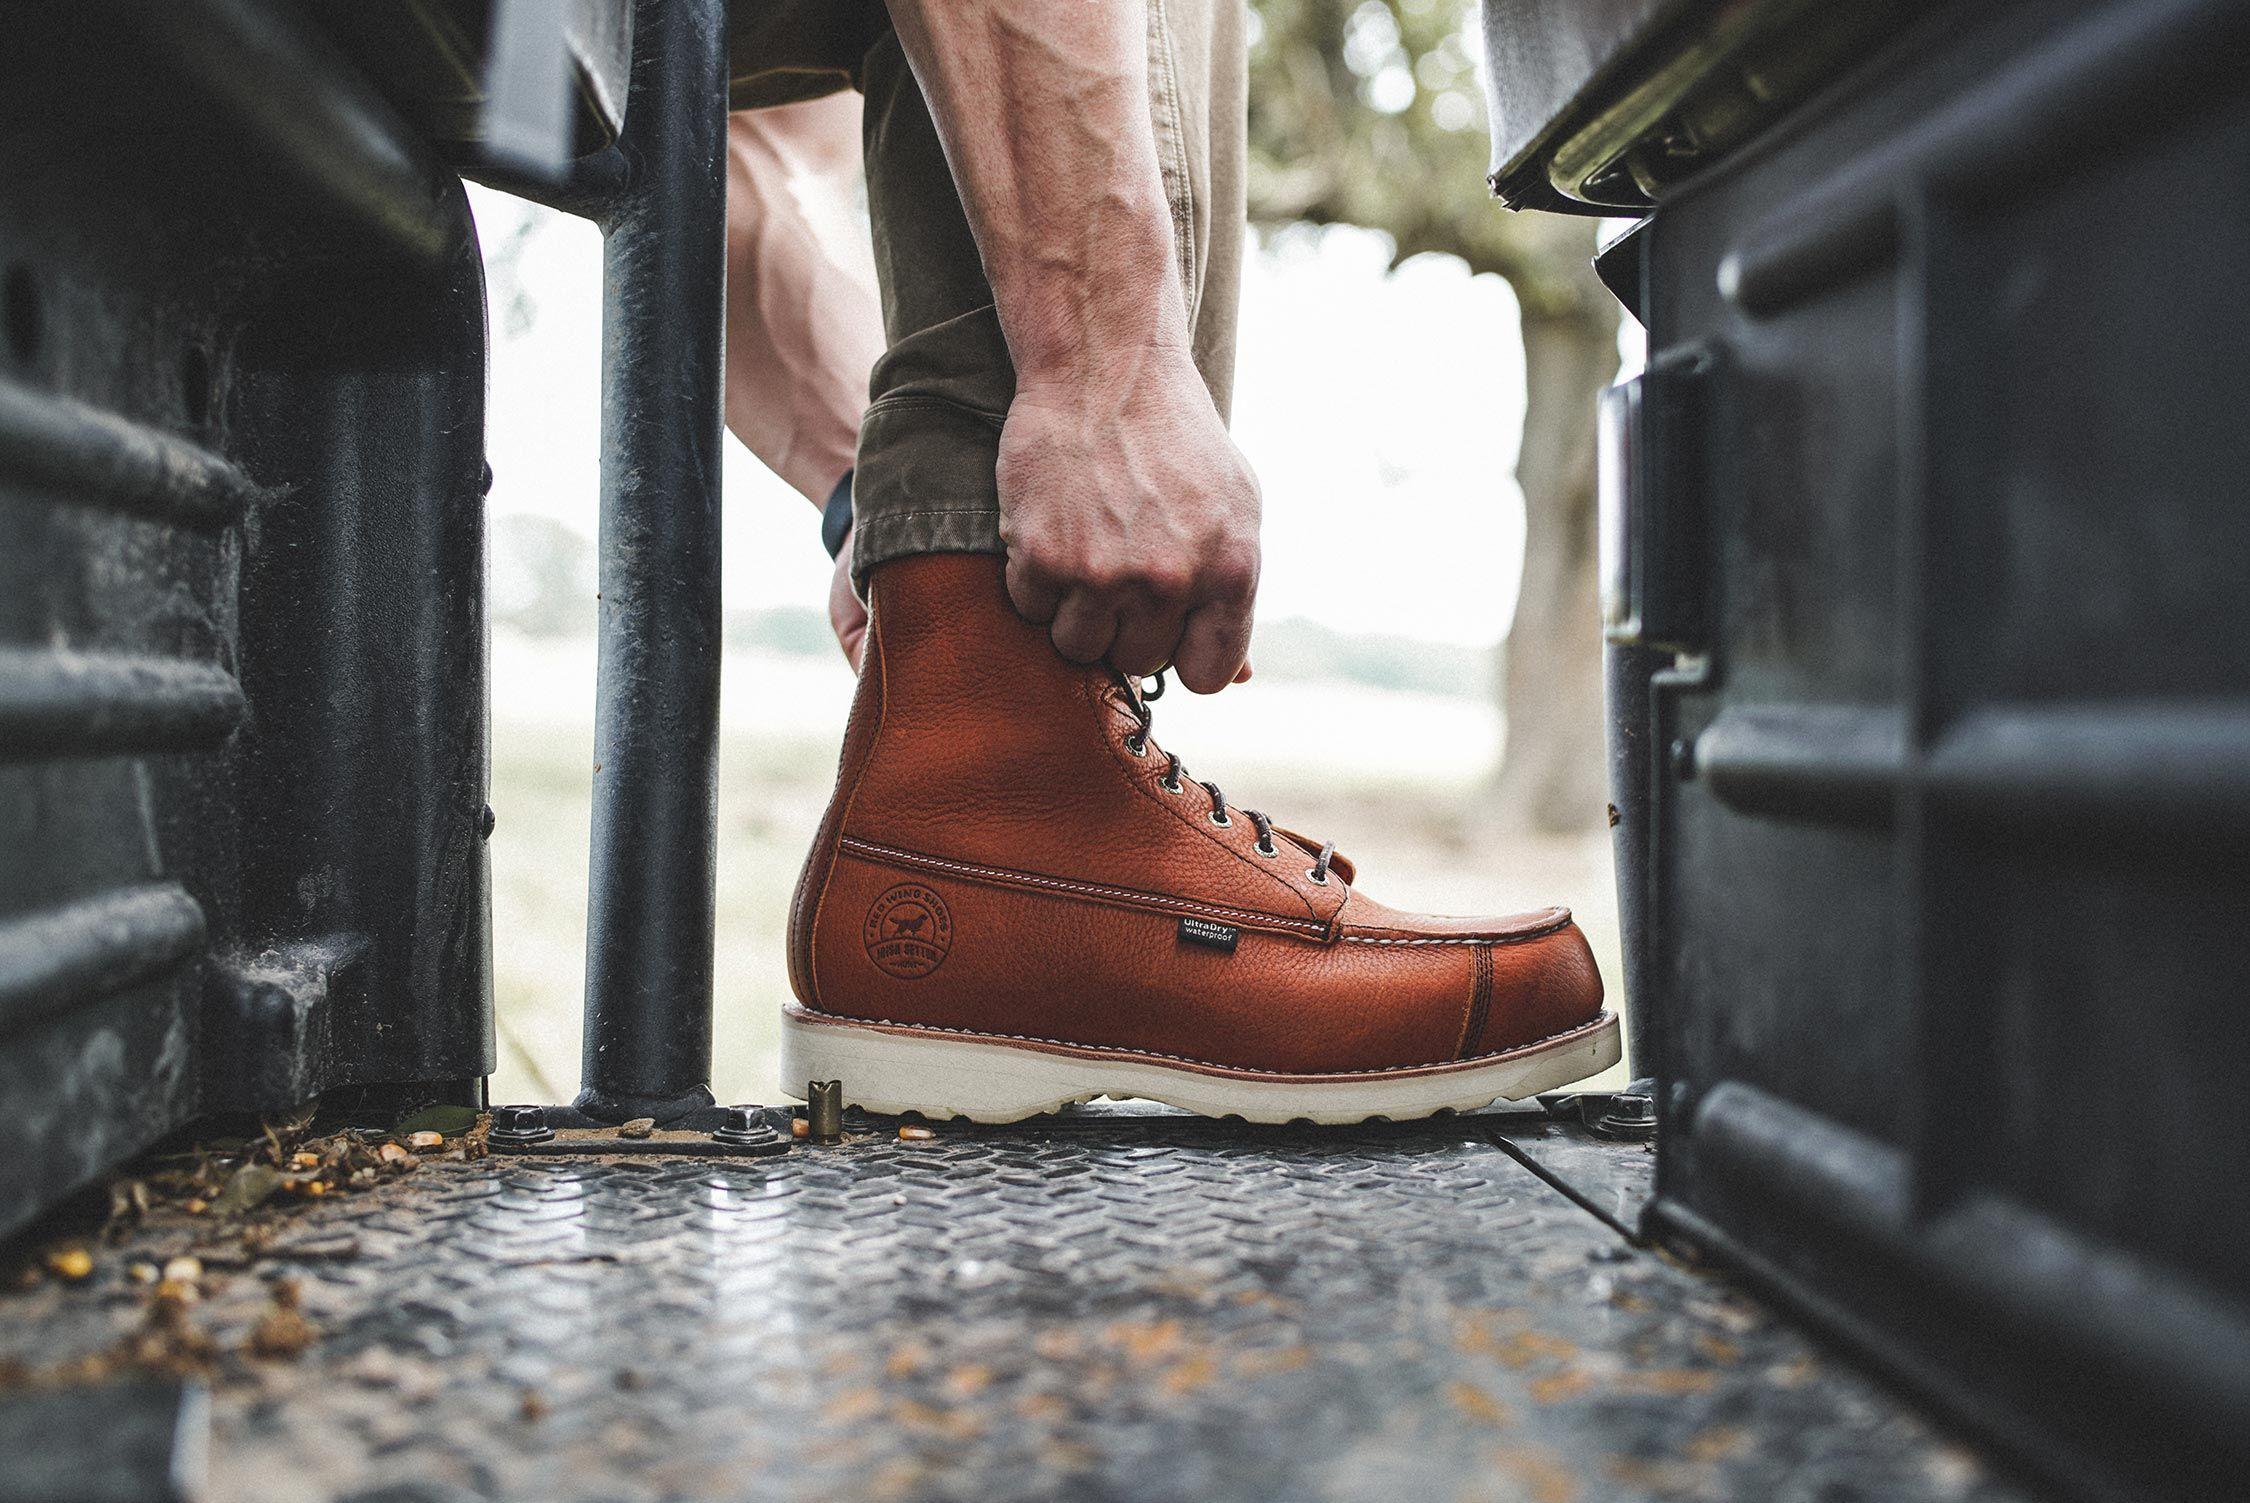 irish setter wingshooter boots cheap online